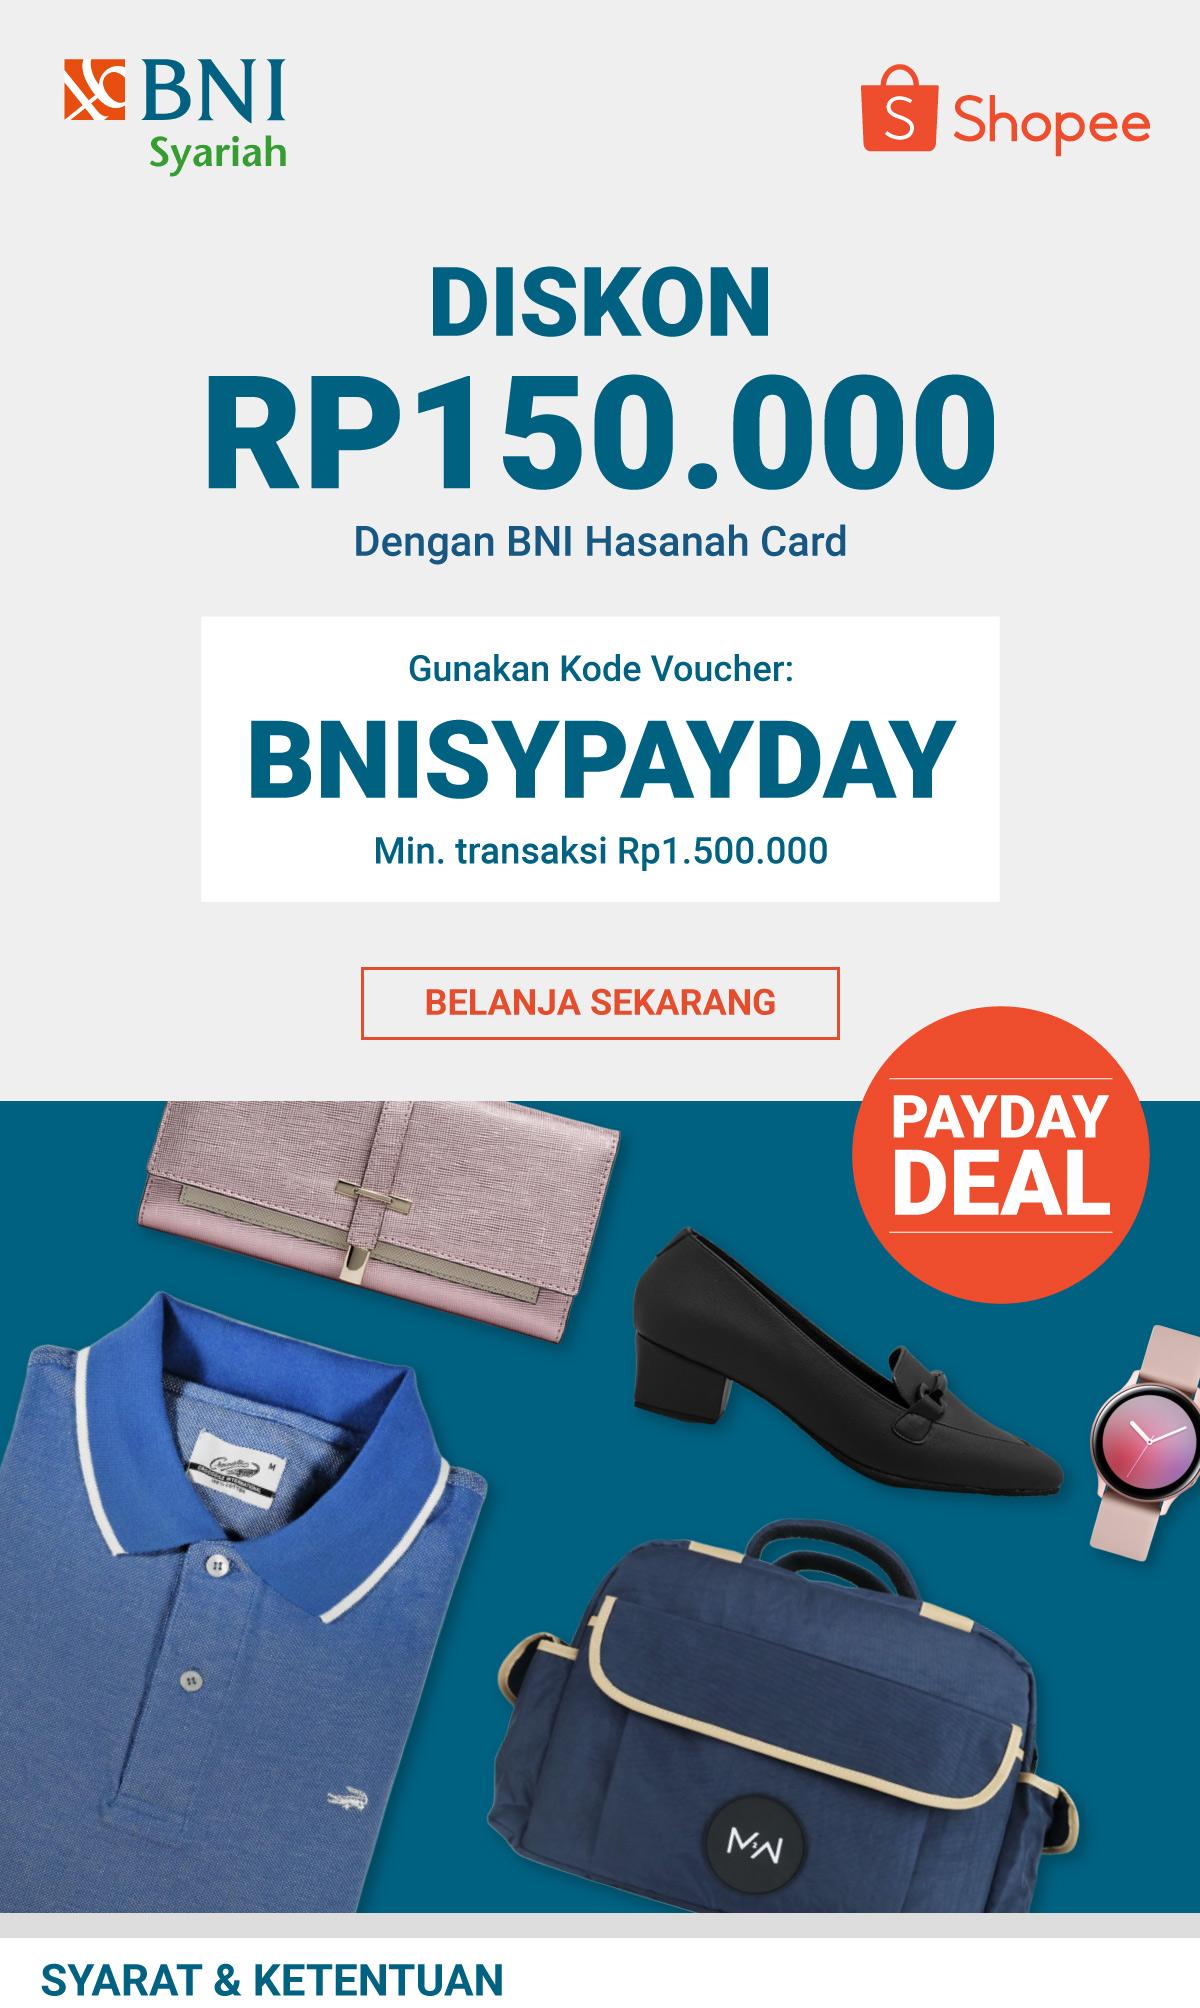 Promo Special Payday Bni Syariah